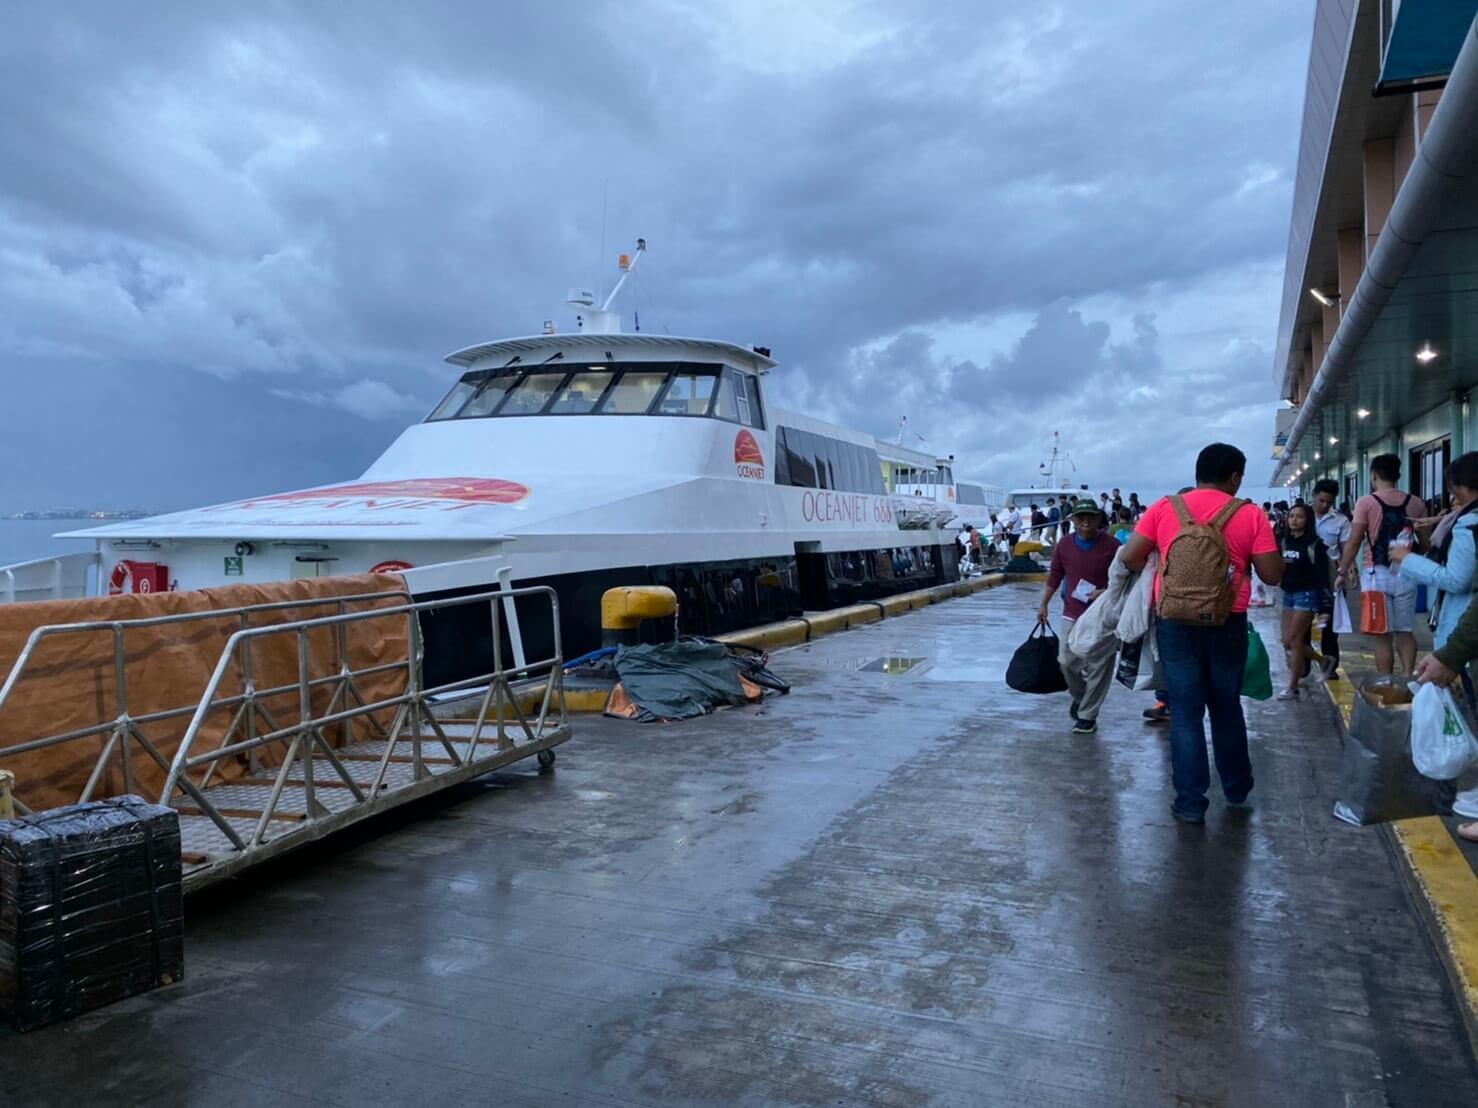 セブ島の港「Pier1」にある高速艇の写真